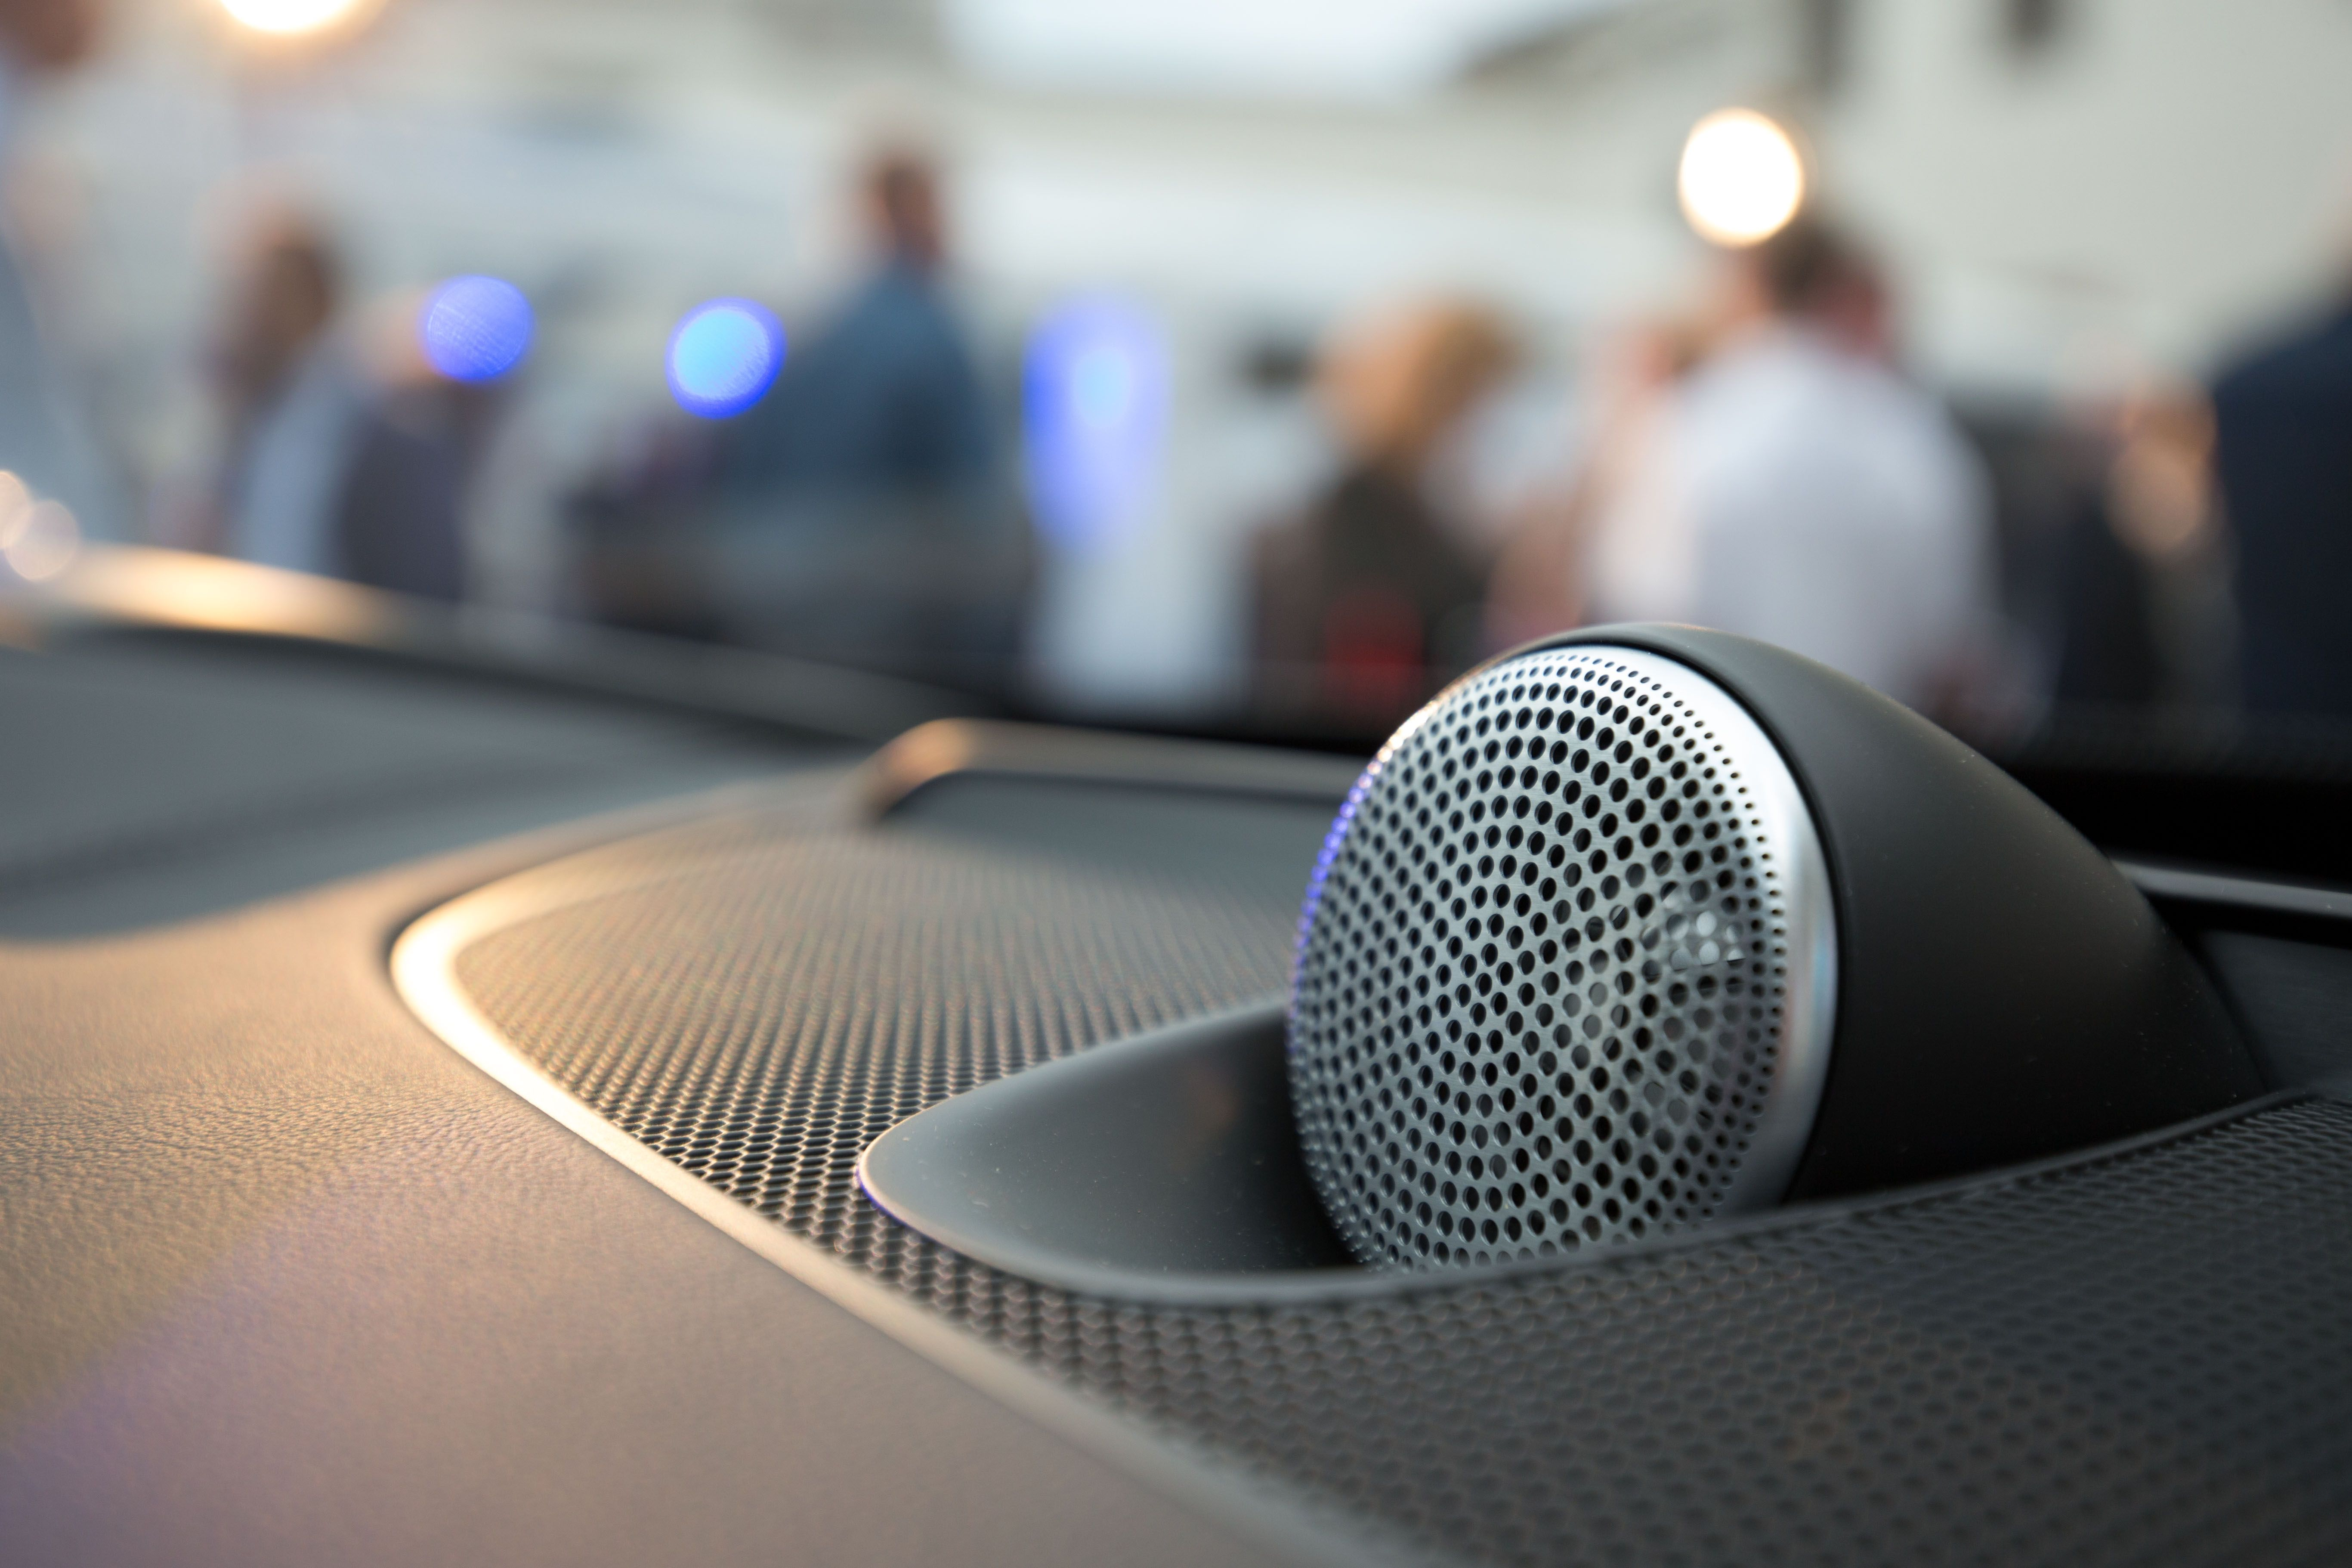 Volvo XC90 speakers